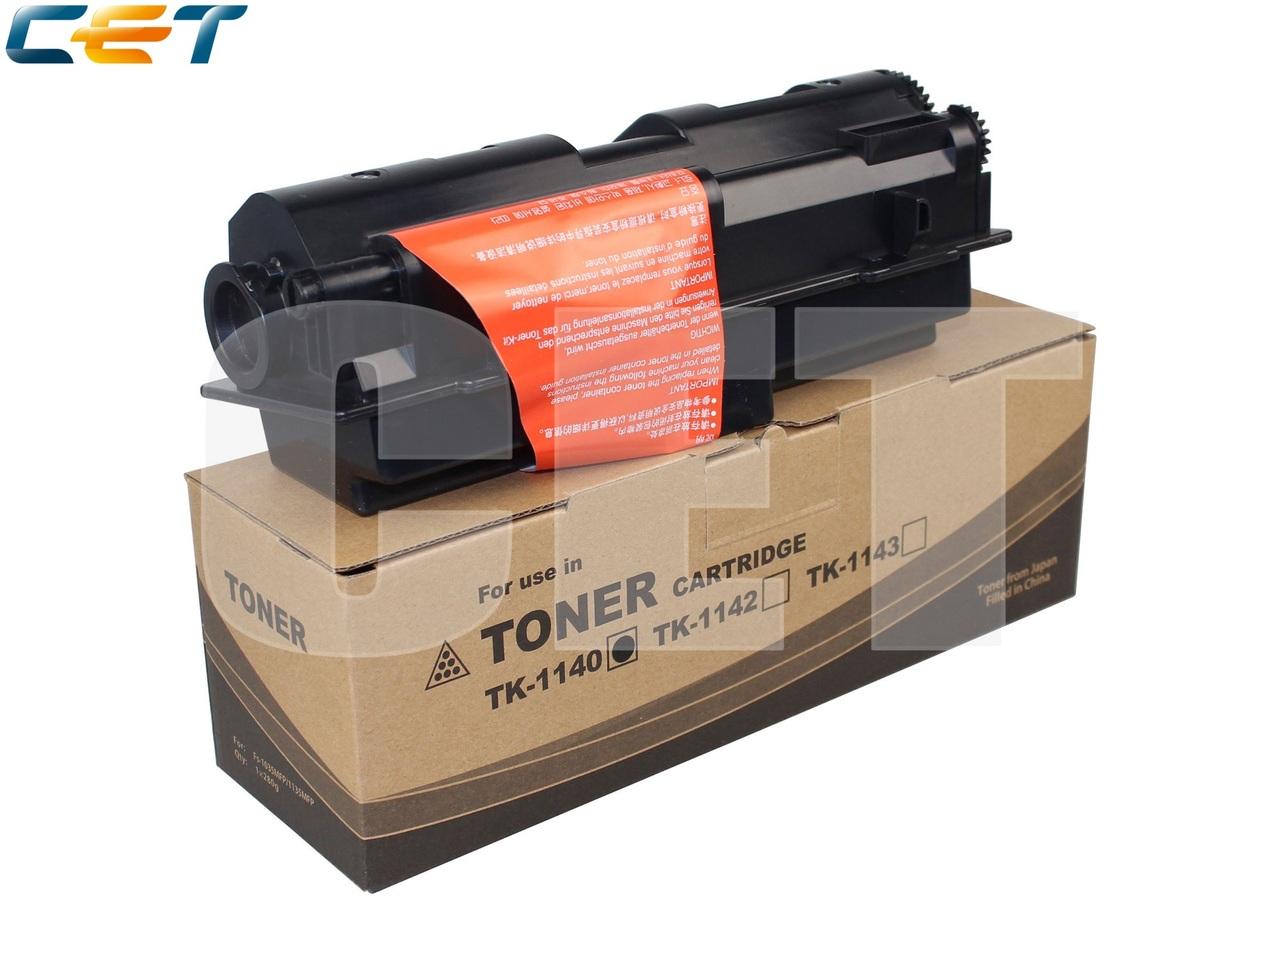 Тонер-картридж (PK2) TK-1140 для KYOCERA ECOSYSM2035DN/M2535DN, FS-1035MFP/1135MFP (CET), 280г, 7200стр., CET8189